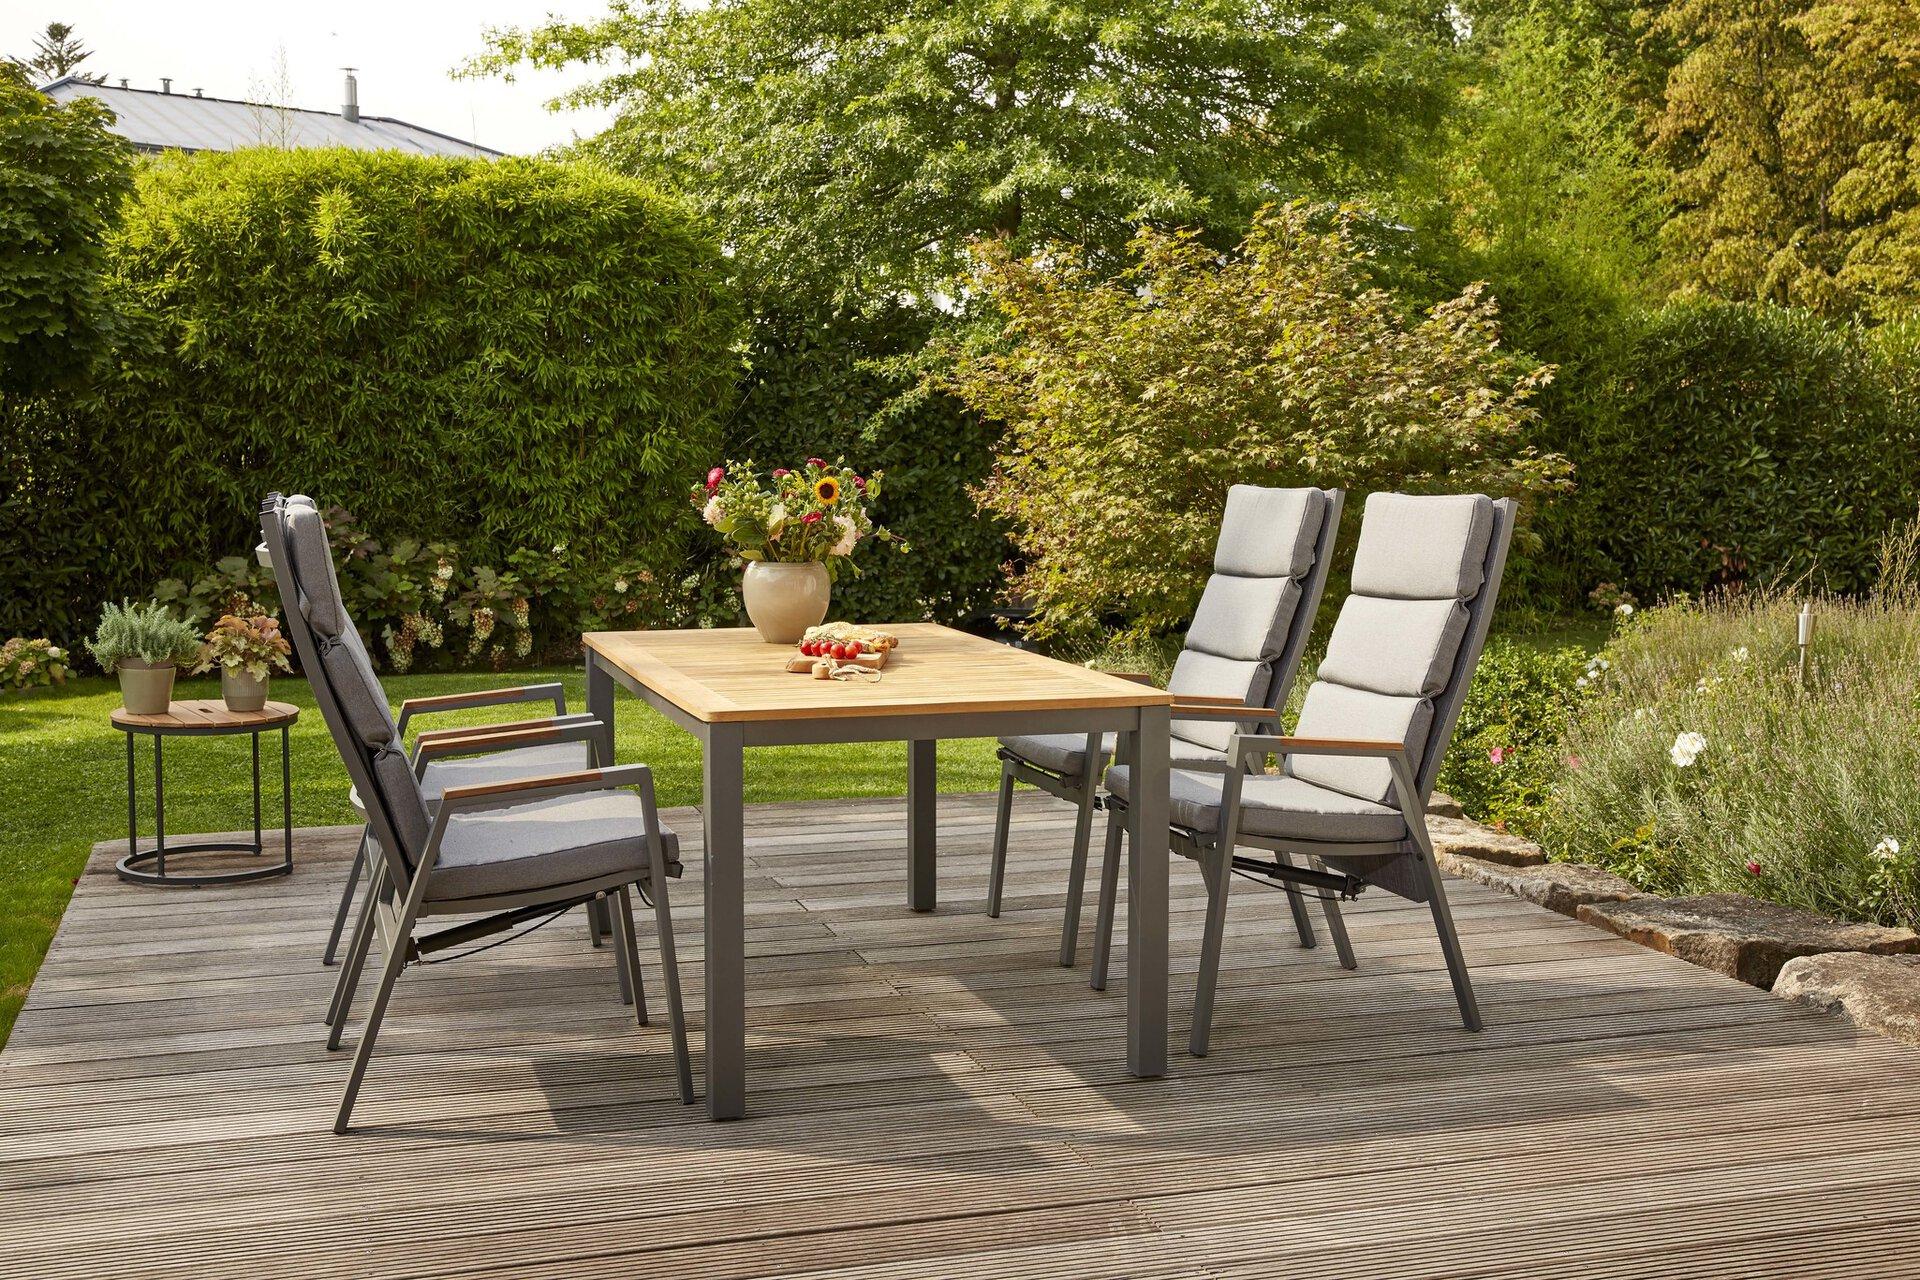 Gartenstuhl SINCRO Siena Garden Textil grau 60 x 109 x 72 cm